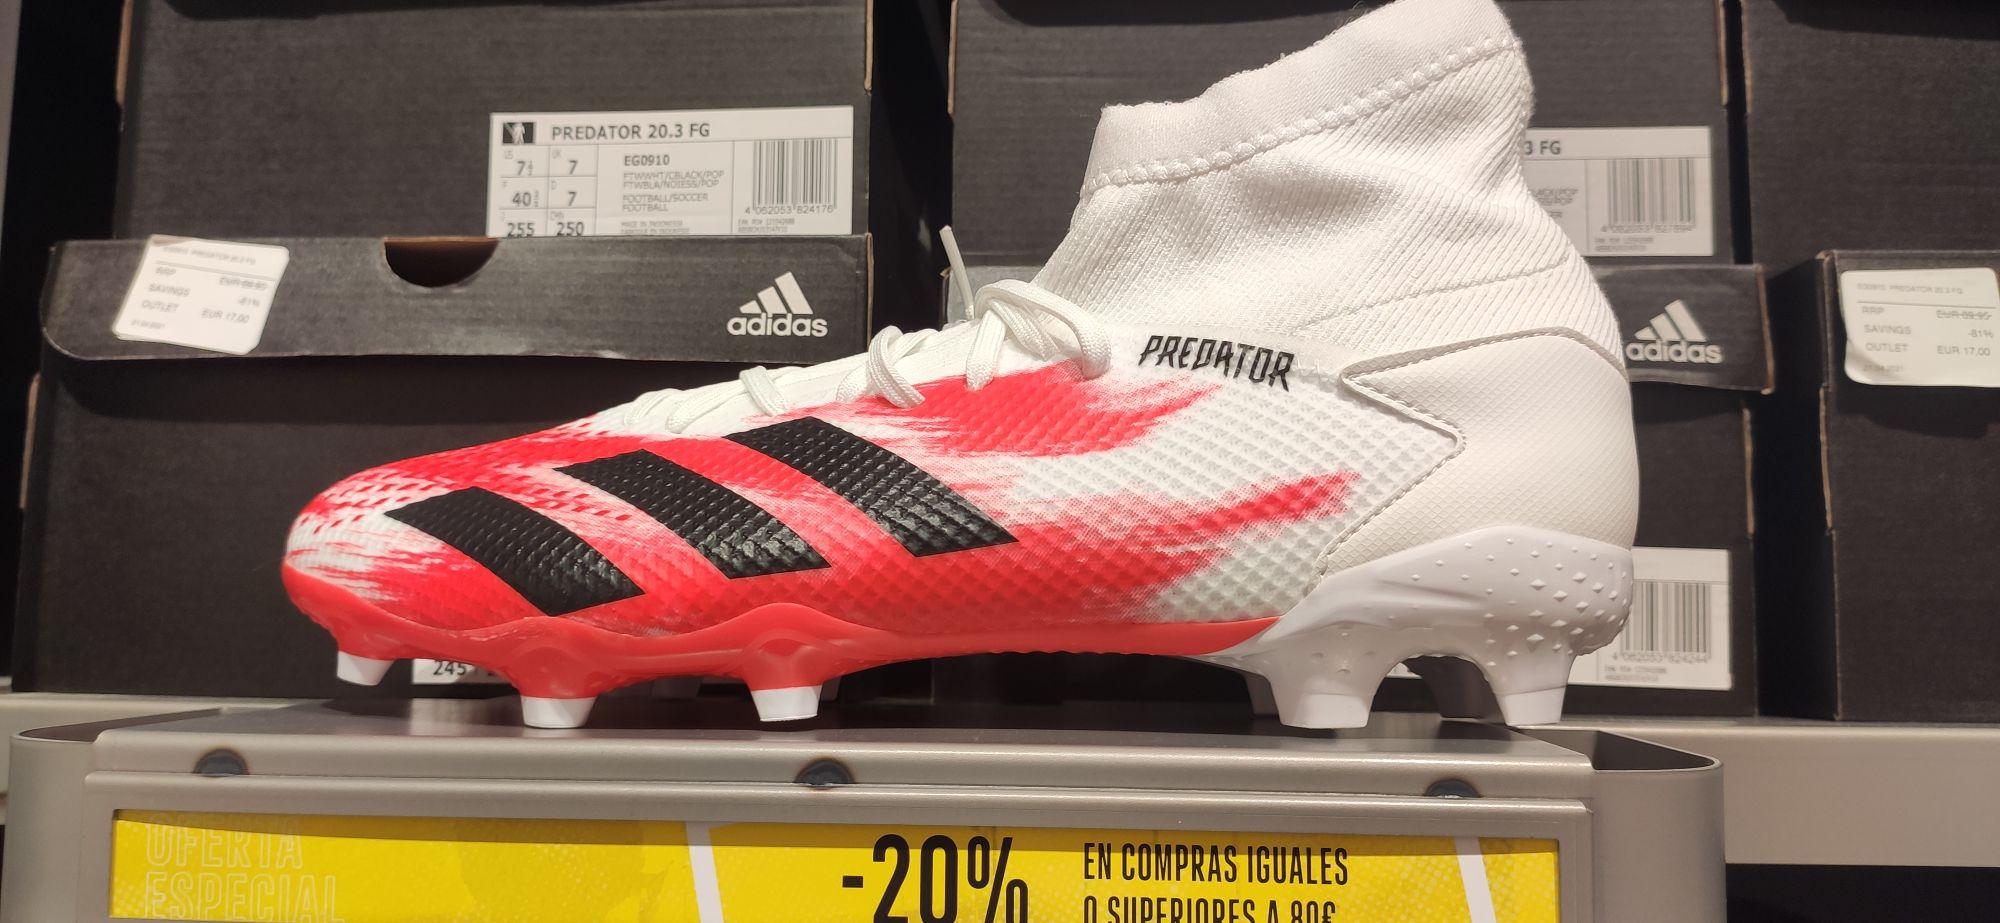 Adidas Predator 20.3 FG en la tienda de Adidas de La Torre Outlet